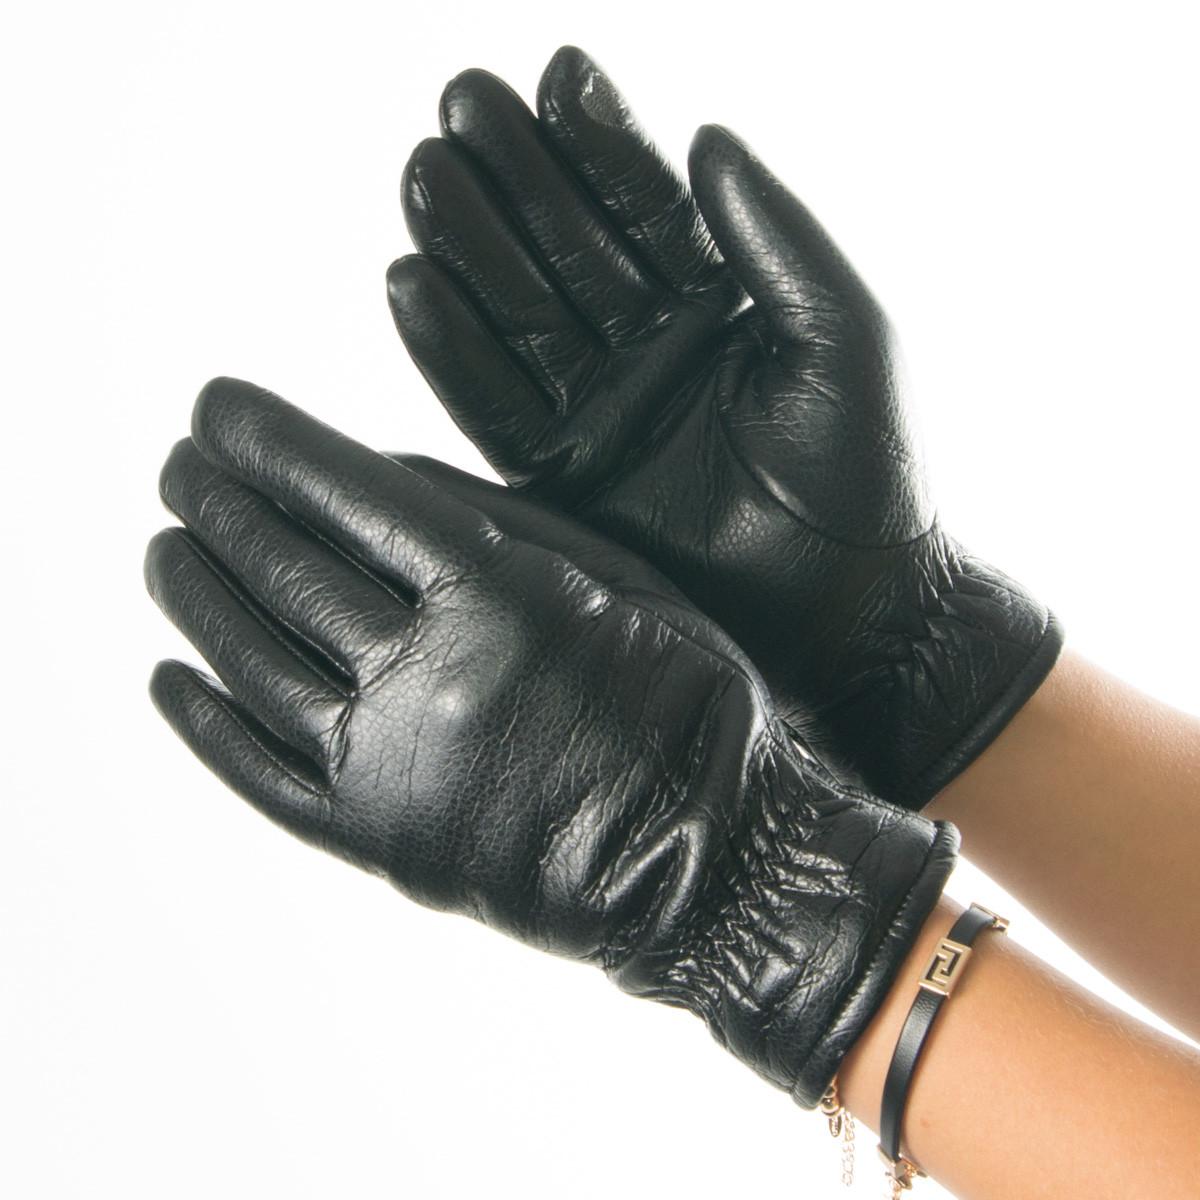 Перчатки из экокожи со сборкой на манжете № 19-1-58-2 черный S